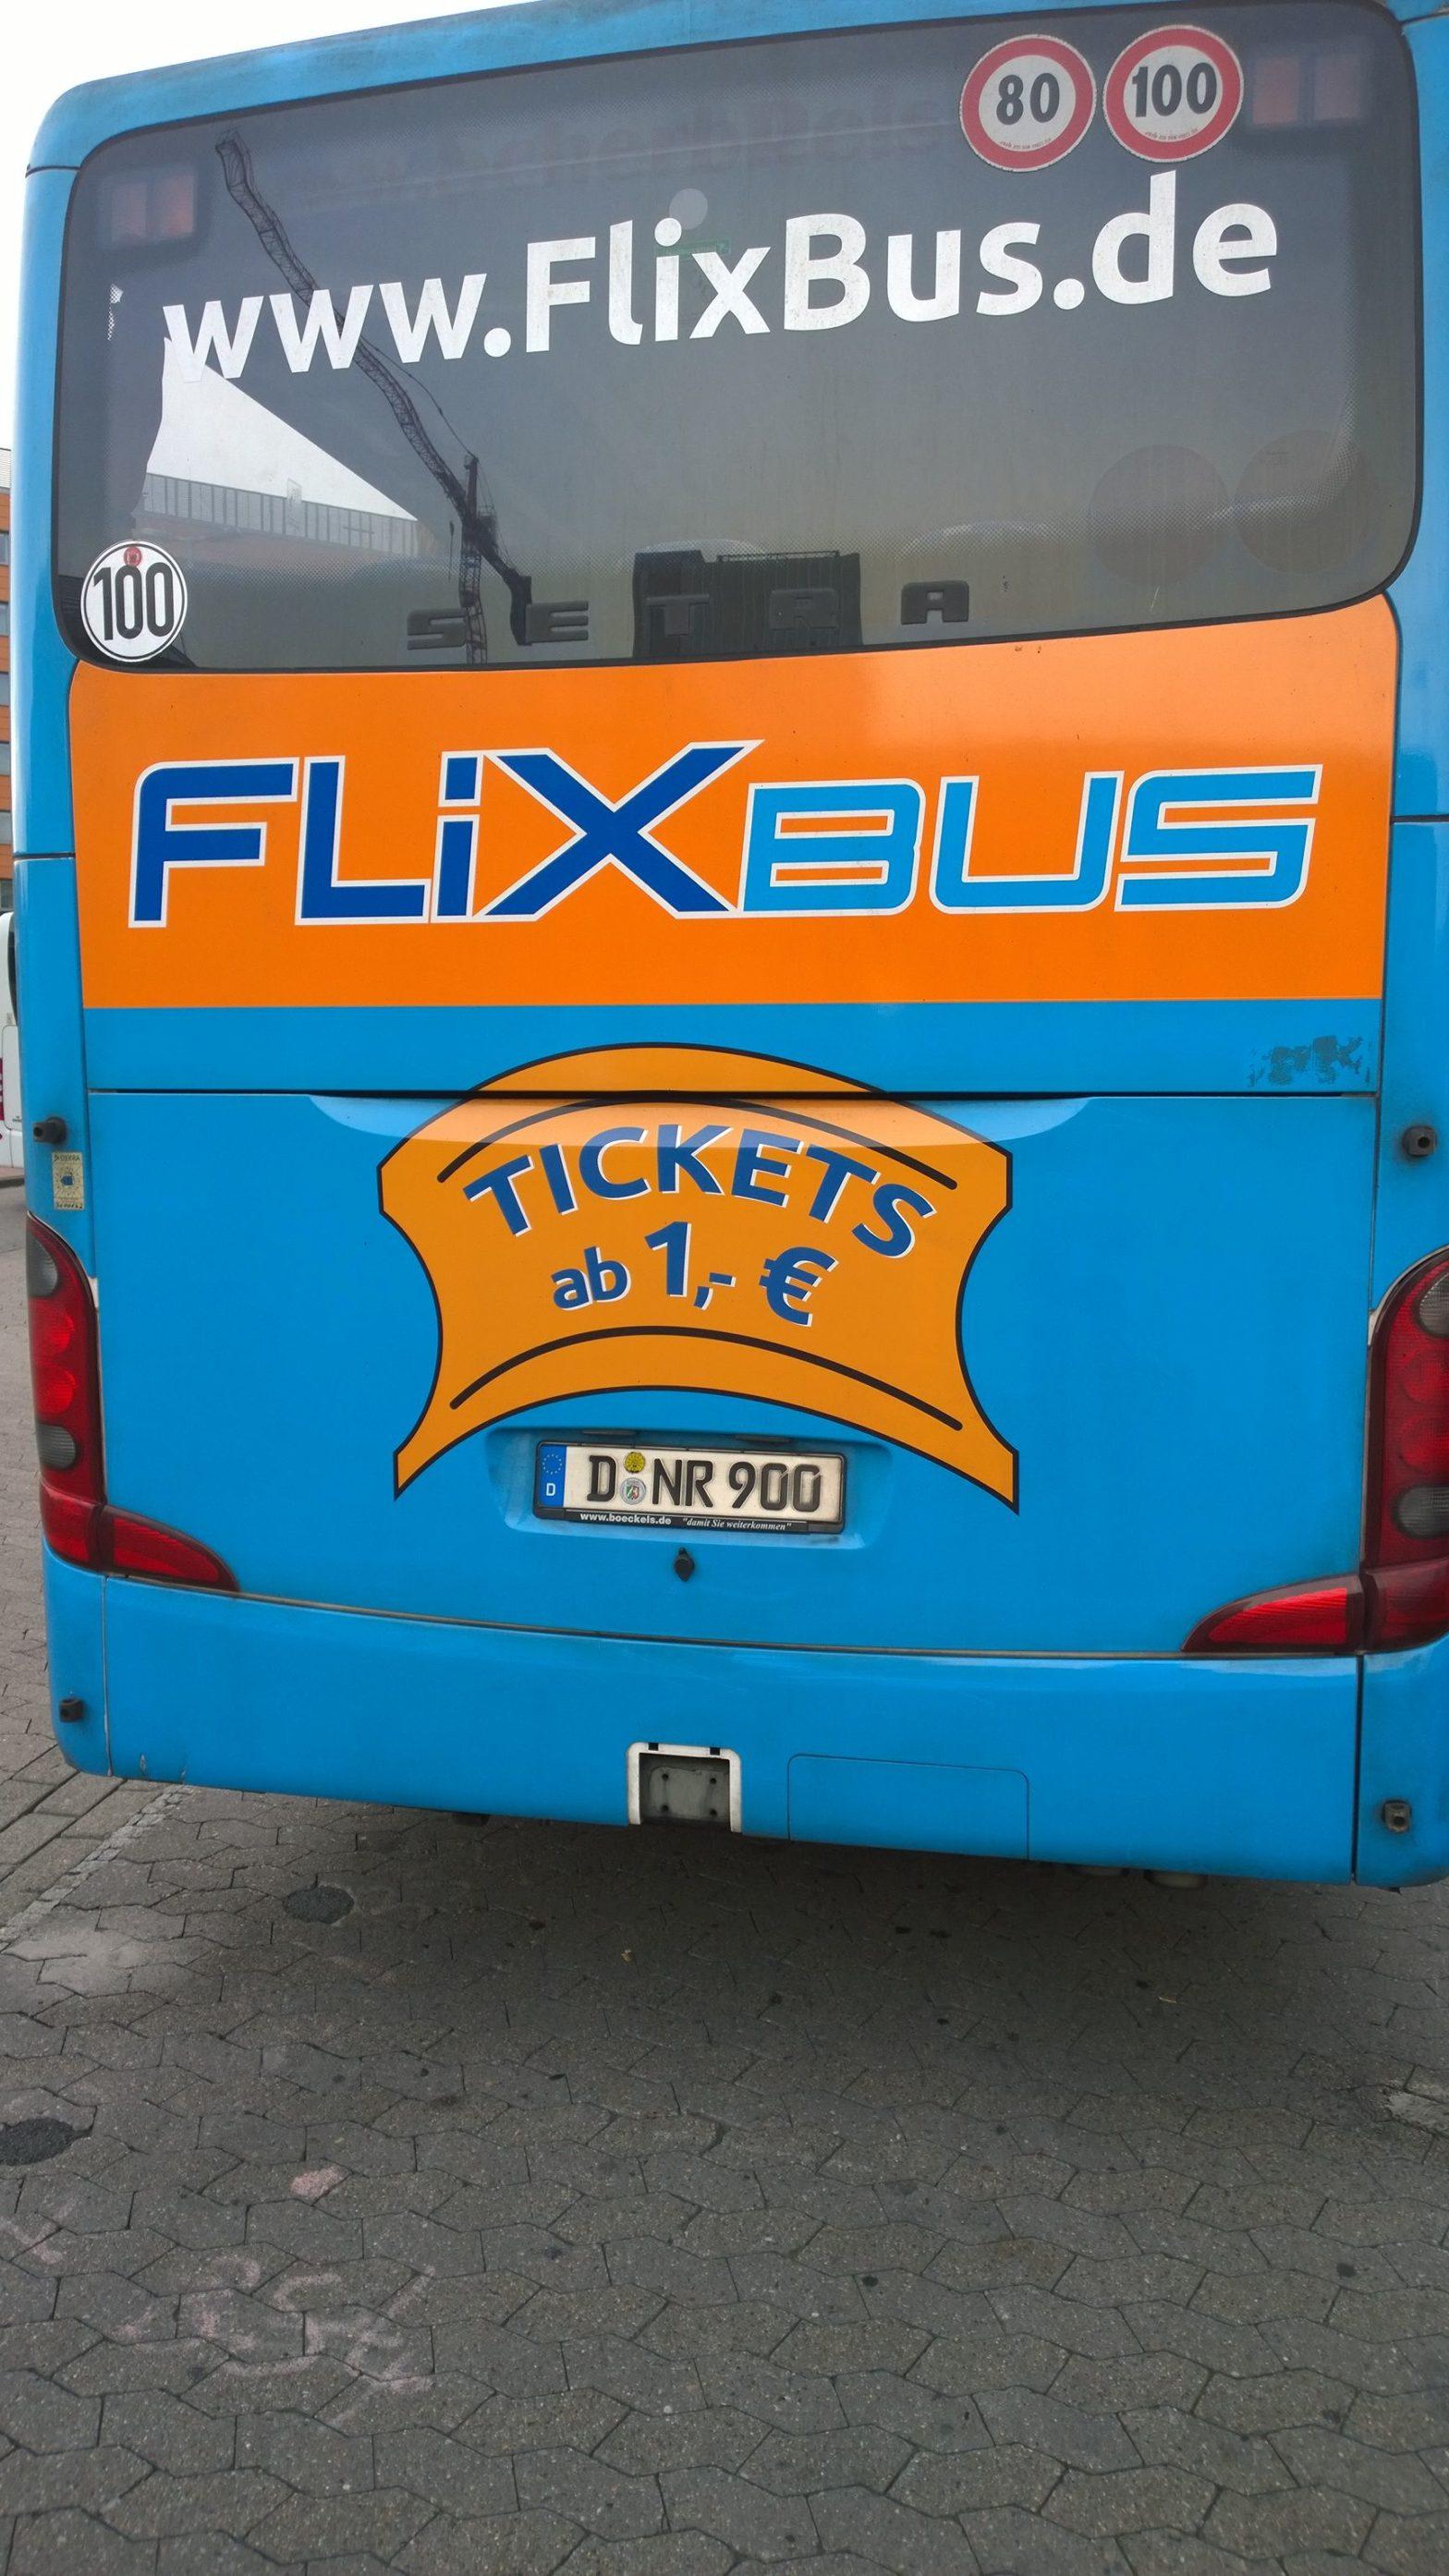 FlixBus einmal und nie wieder! (Bild: Thorsten Claus)